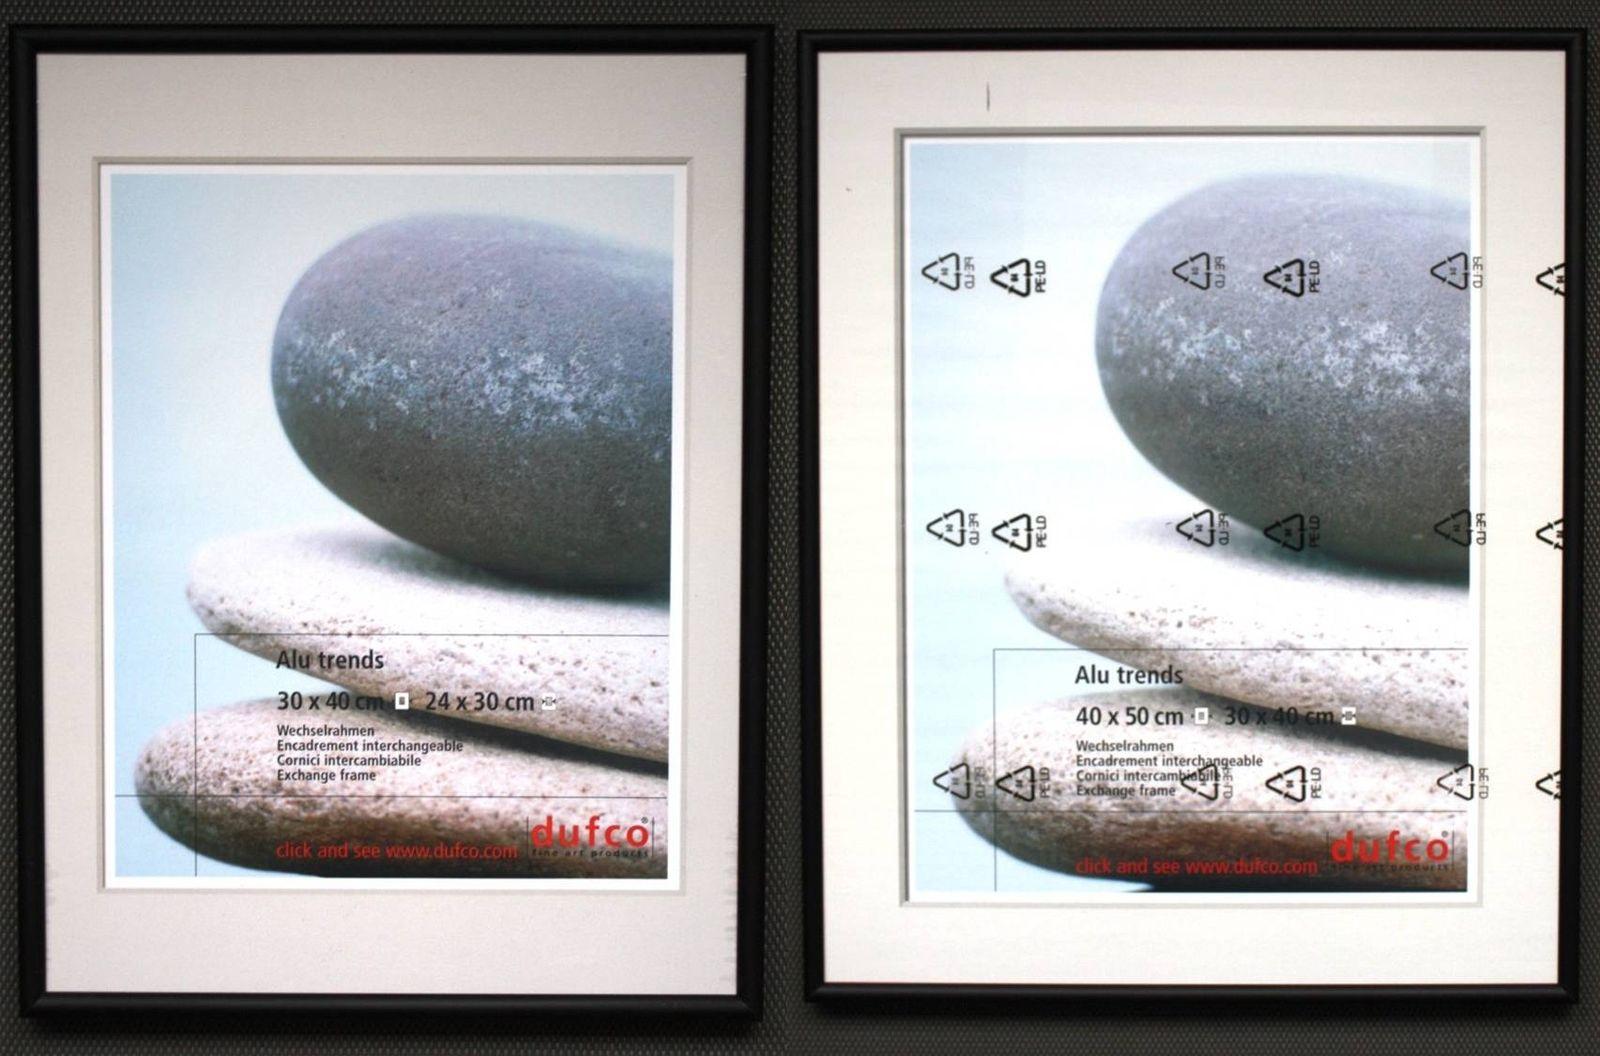 Niedlich 30 X 50 Plakatrahmen Fotos - Benutzerdefinierte ...